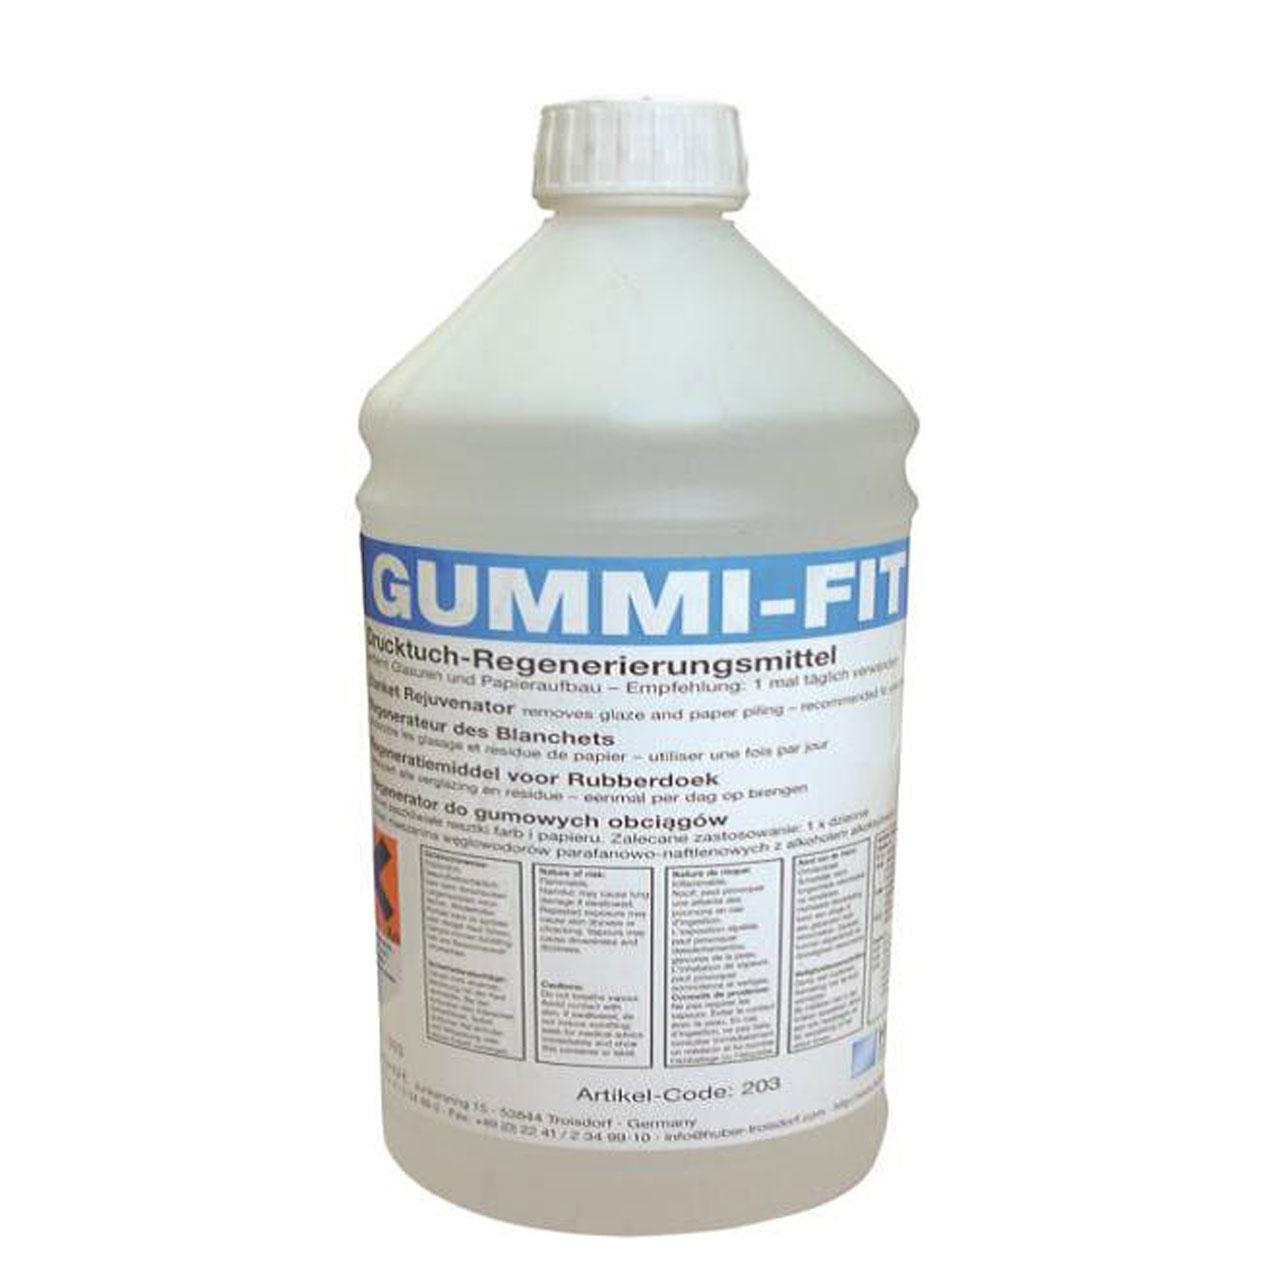 Albyco Gummi-Fit Reiniger für Gummioberflächen